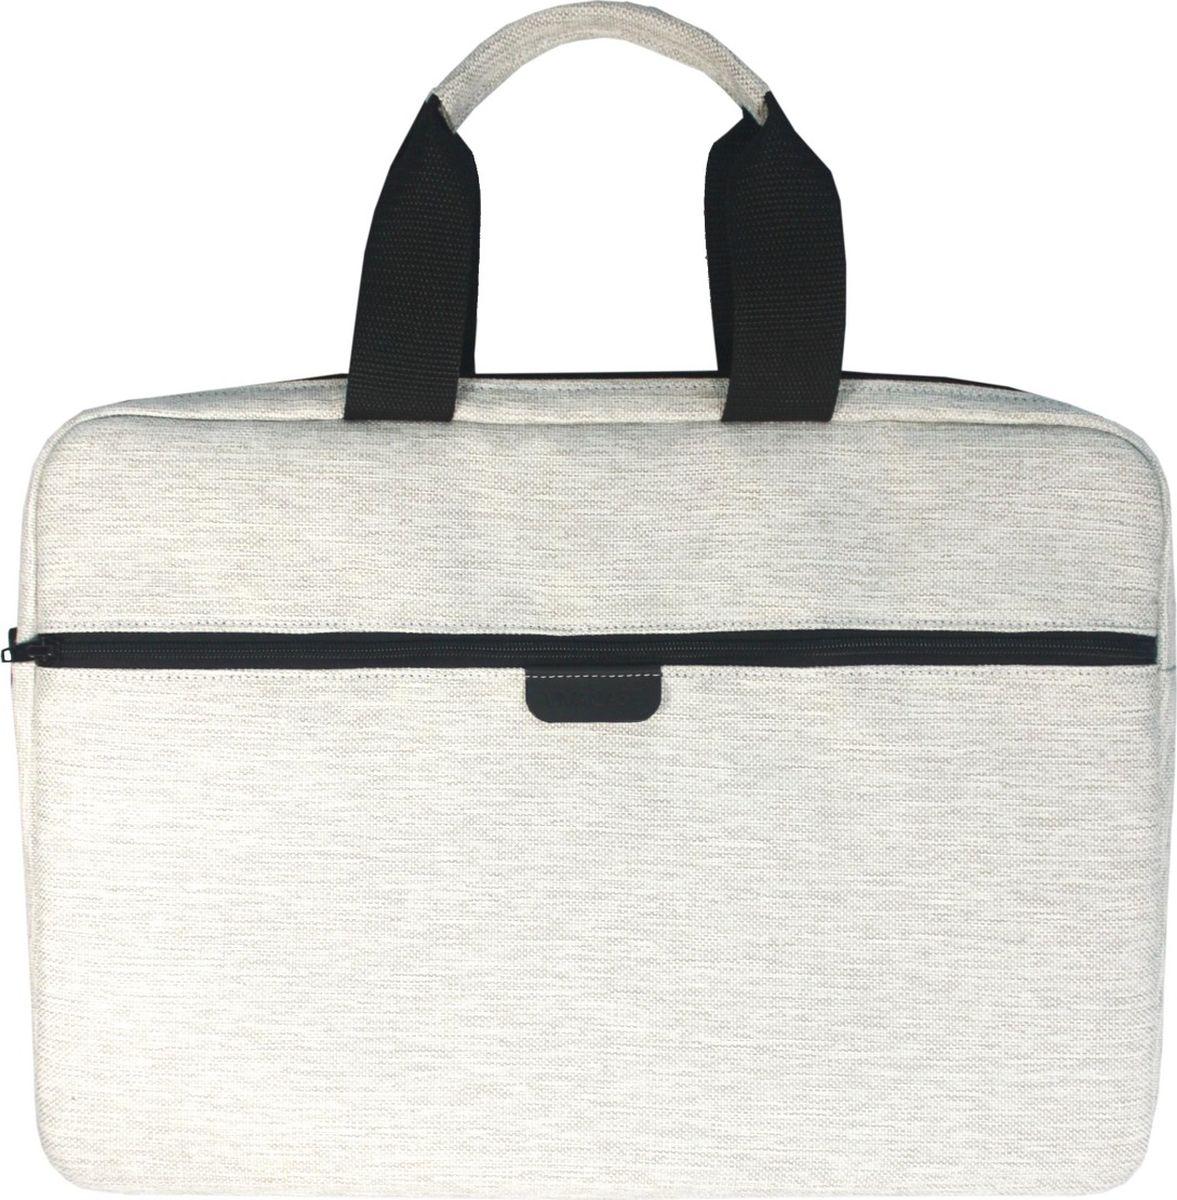 Vivacase Jacquard, White сумка для ноутбука 15.6 сумка для ноутбука pc pet pcp a9015bk